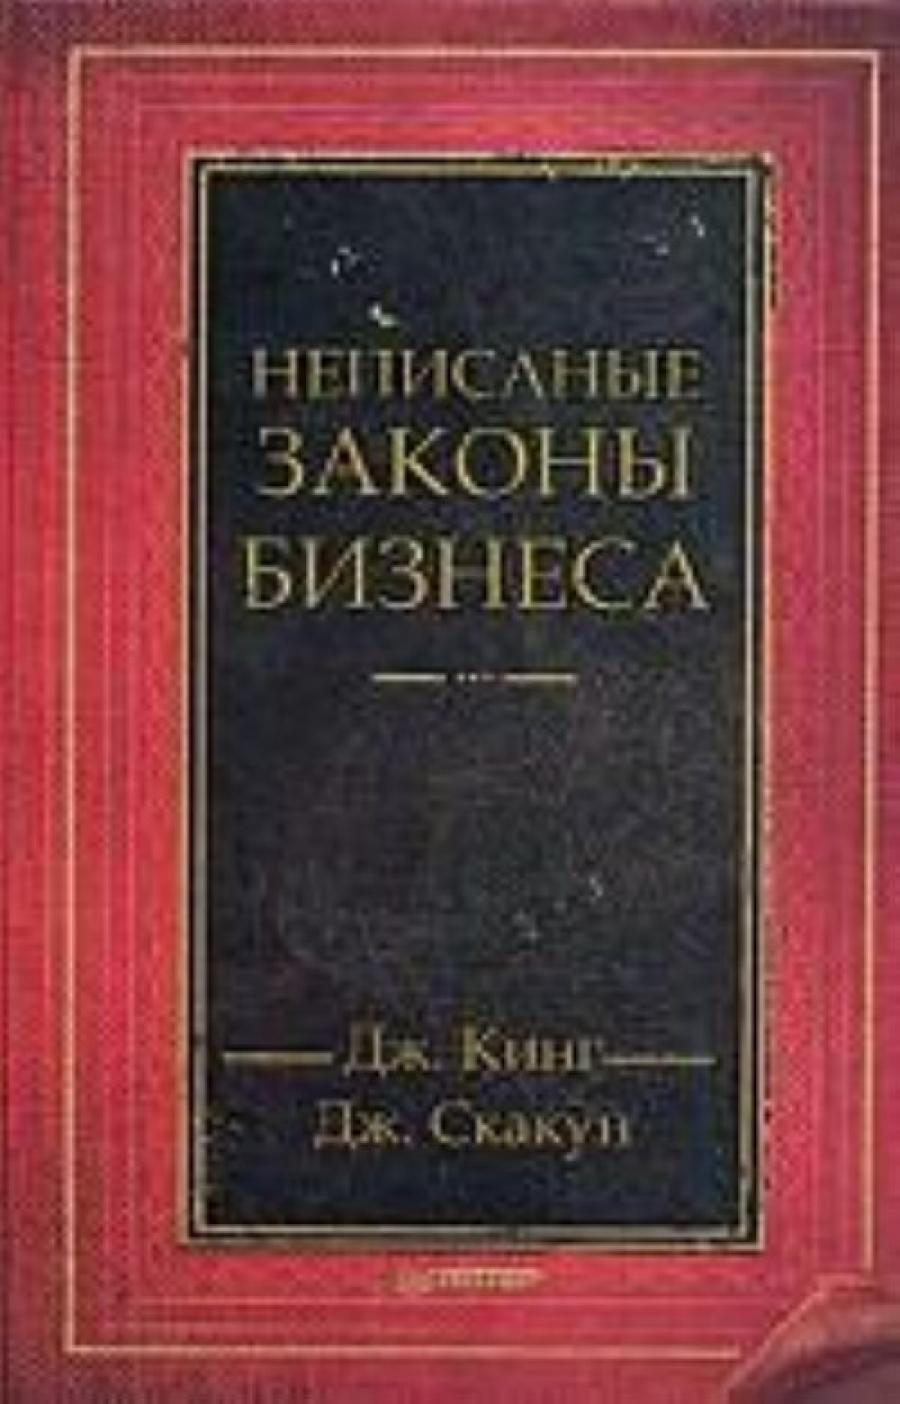 Обложка книги:  кинг дж., скакун дж. - неписаные законы бизнеса.